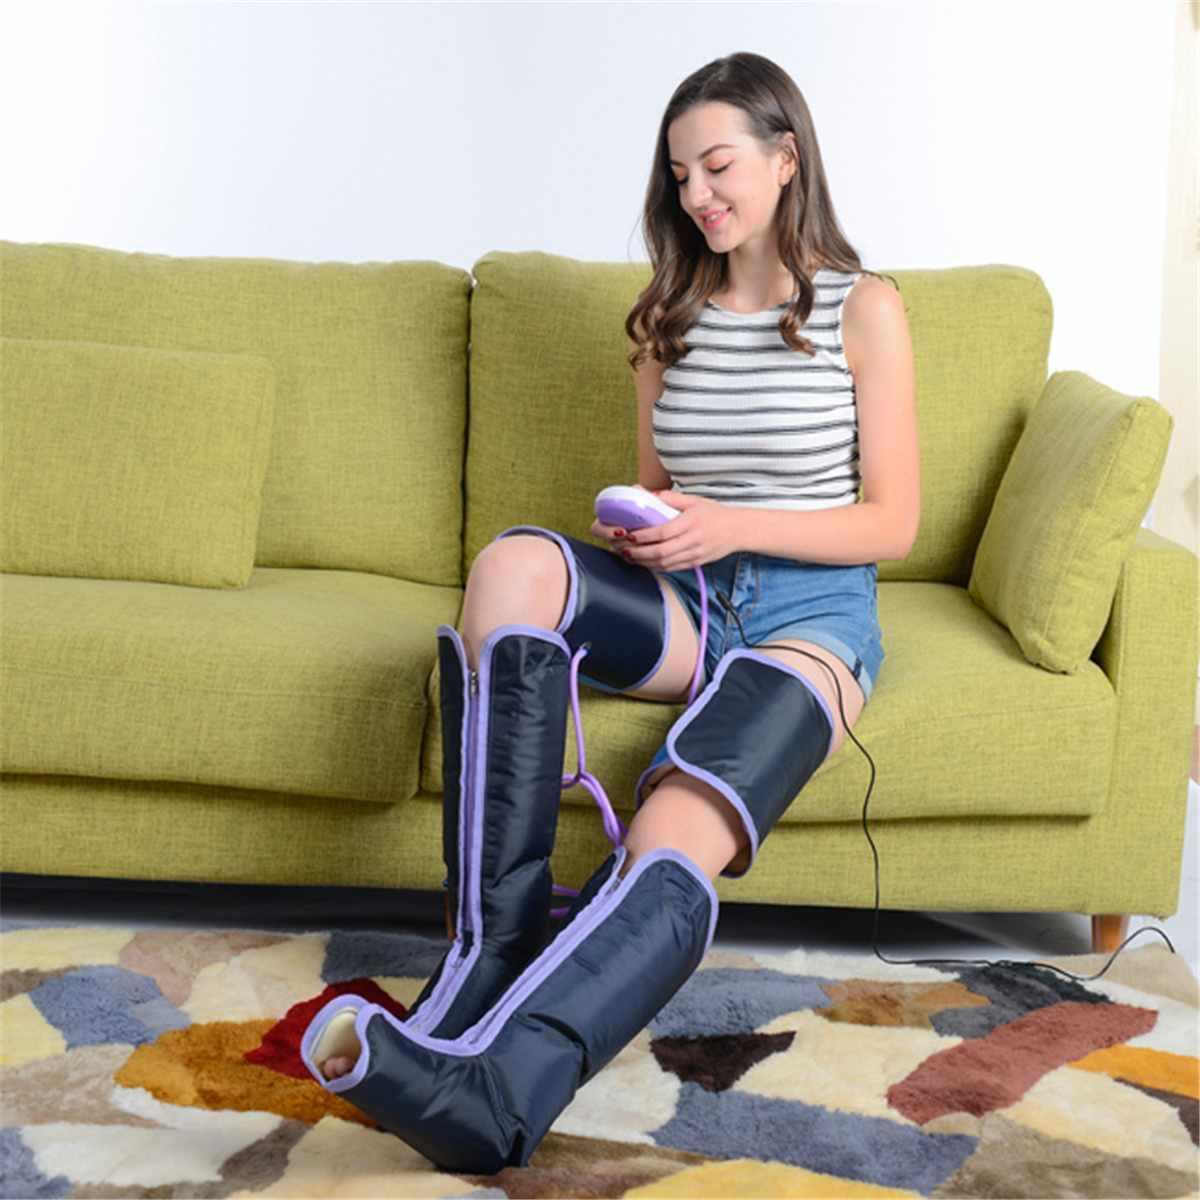 Enkels Circulatie Therapie Massager Elektrische Benen Massage Air Compressie Been Cover Kalf Arm Boot Sokken Ontspanning Gezondheidszorg